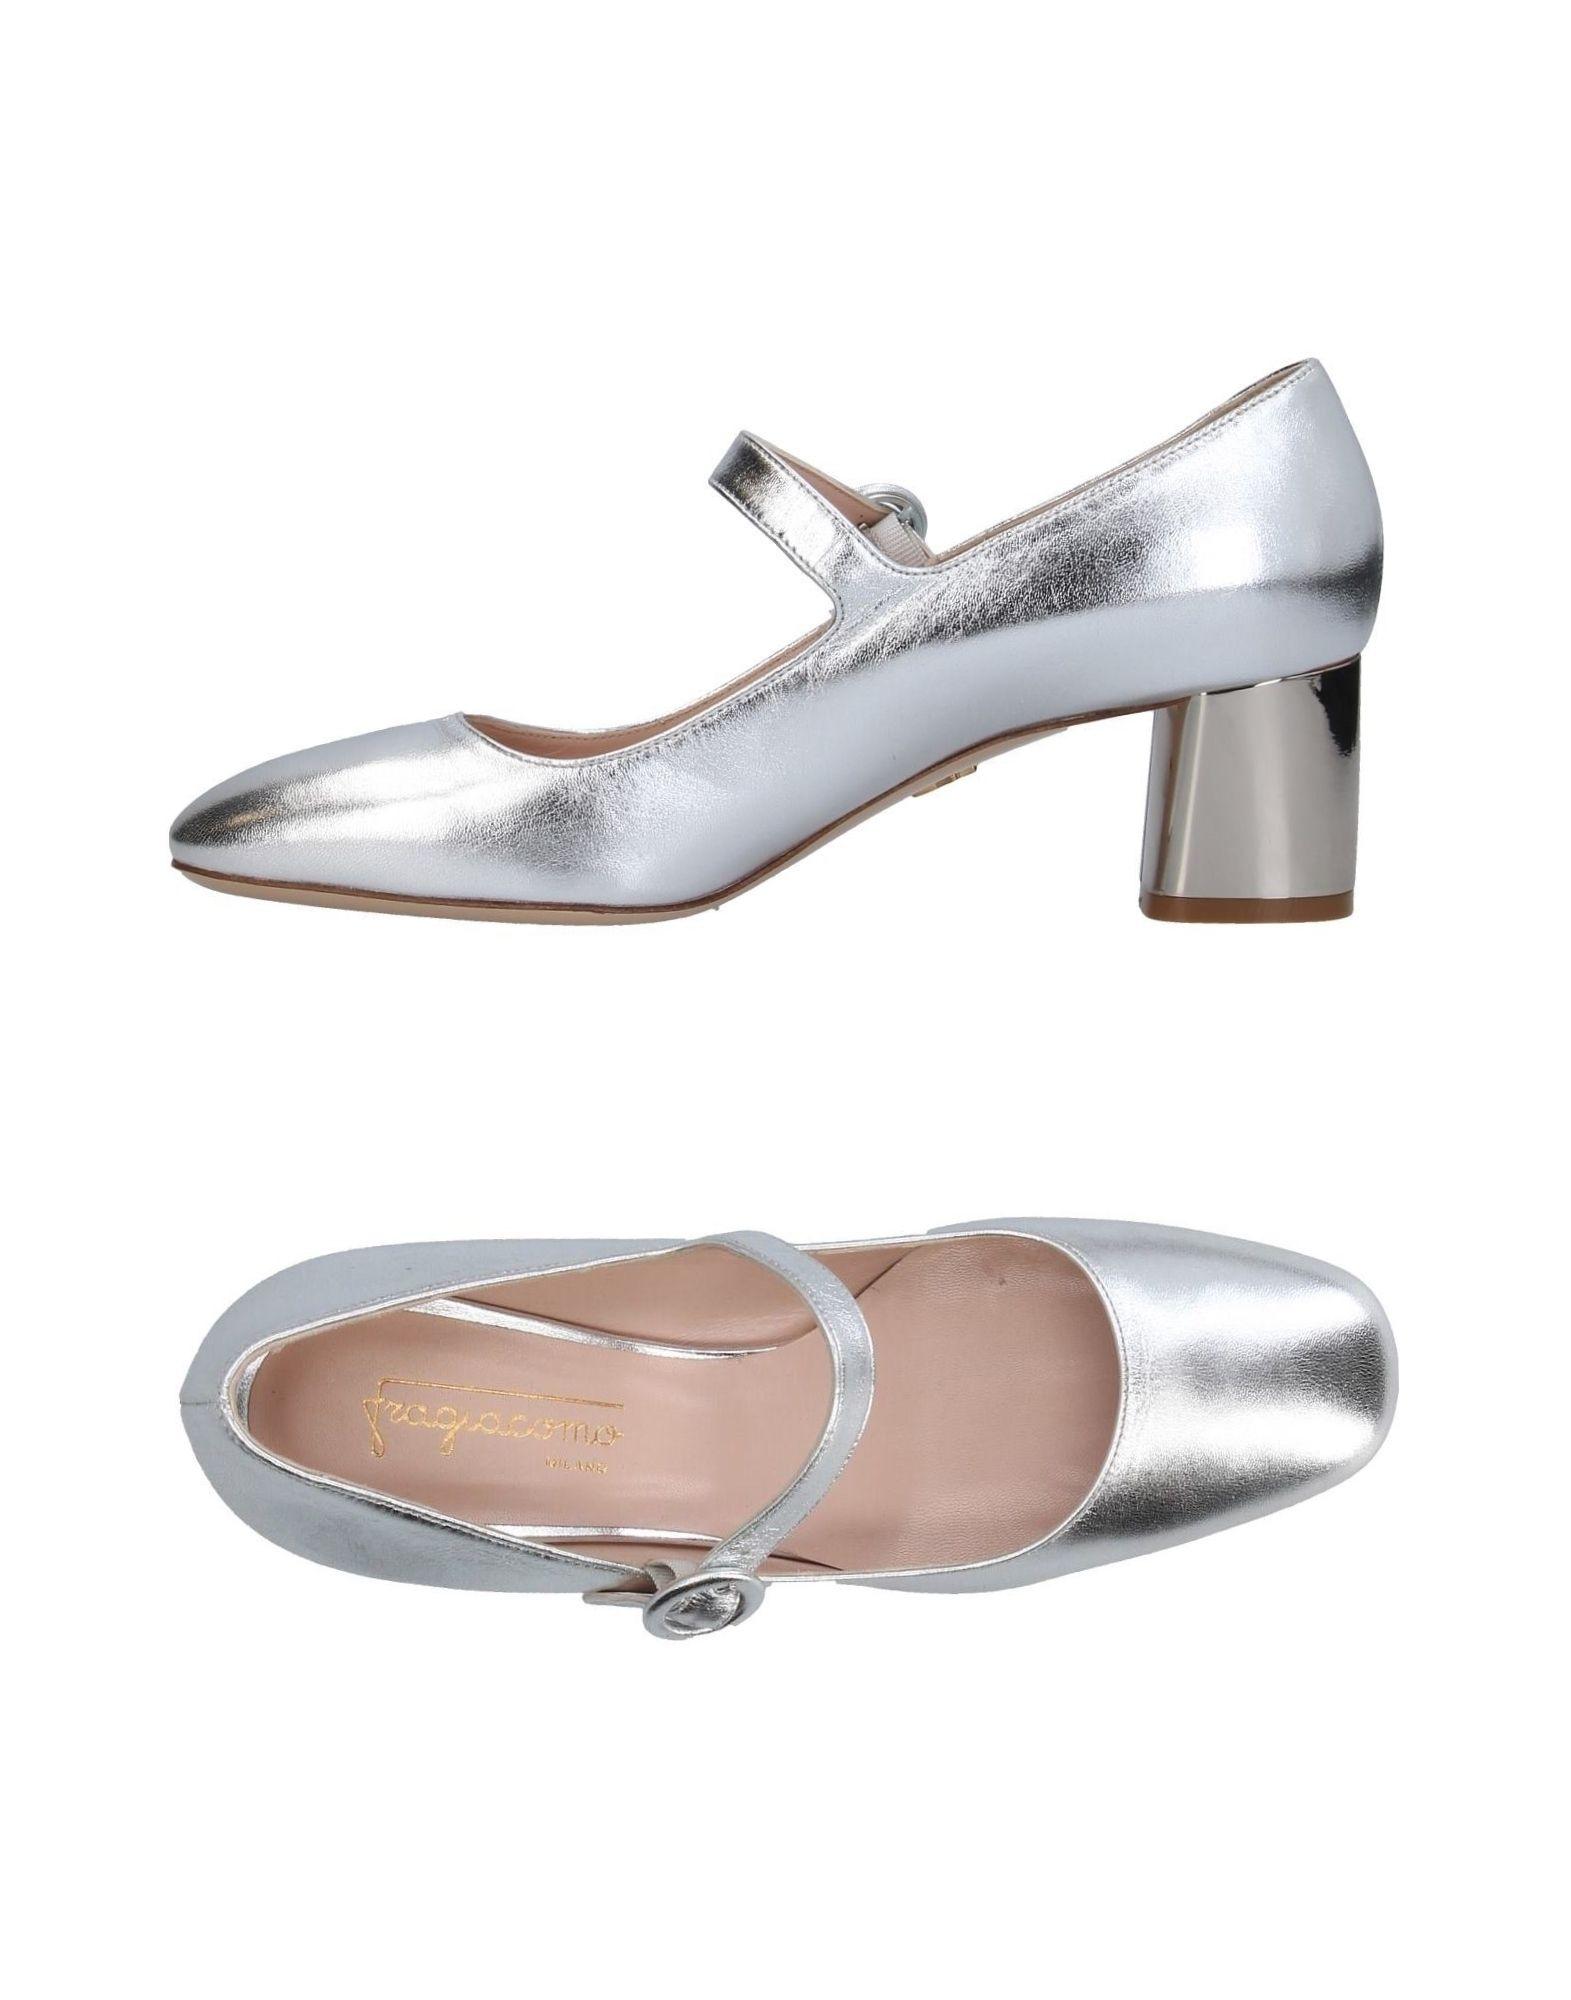 Stilvolle Damen billige Schuhe Fragiacomo Pumps Damen Stilvolle  11408423HC 341c0f